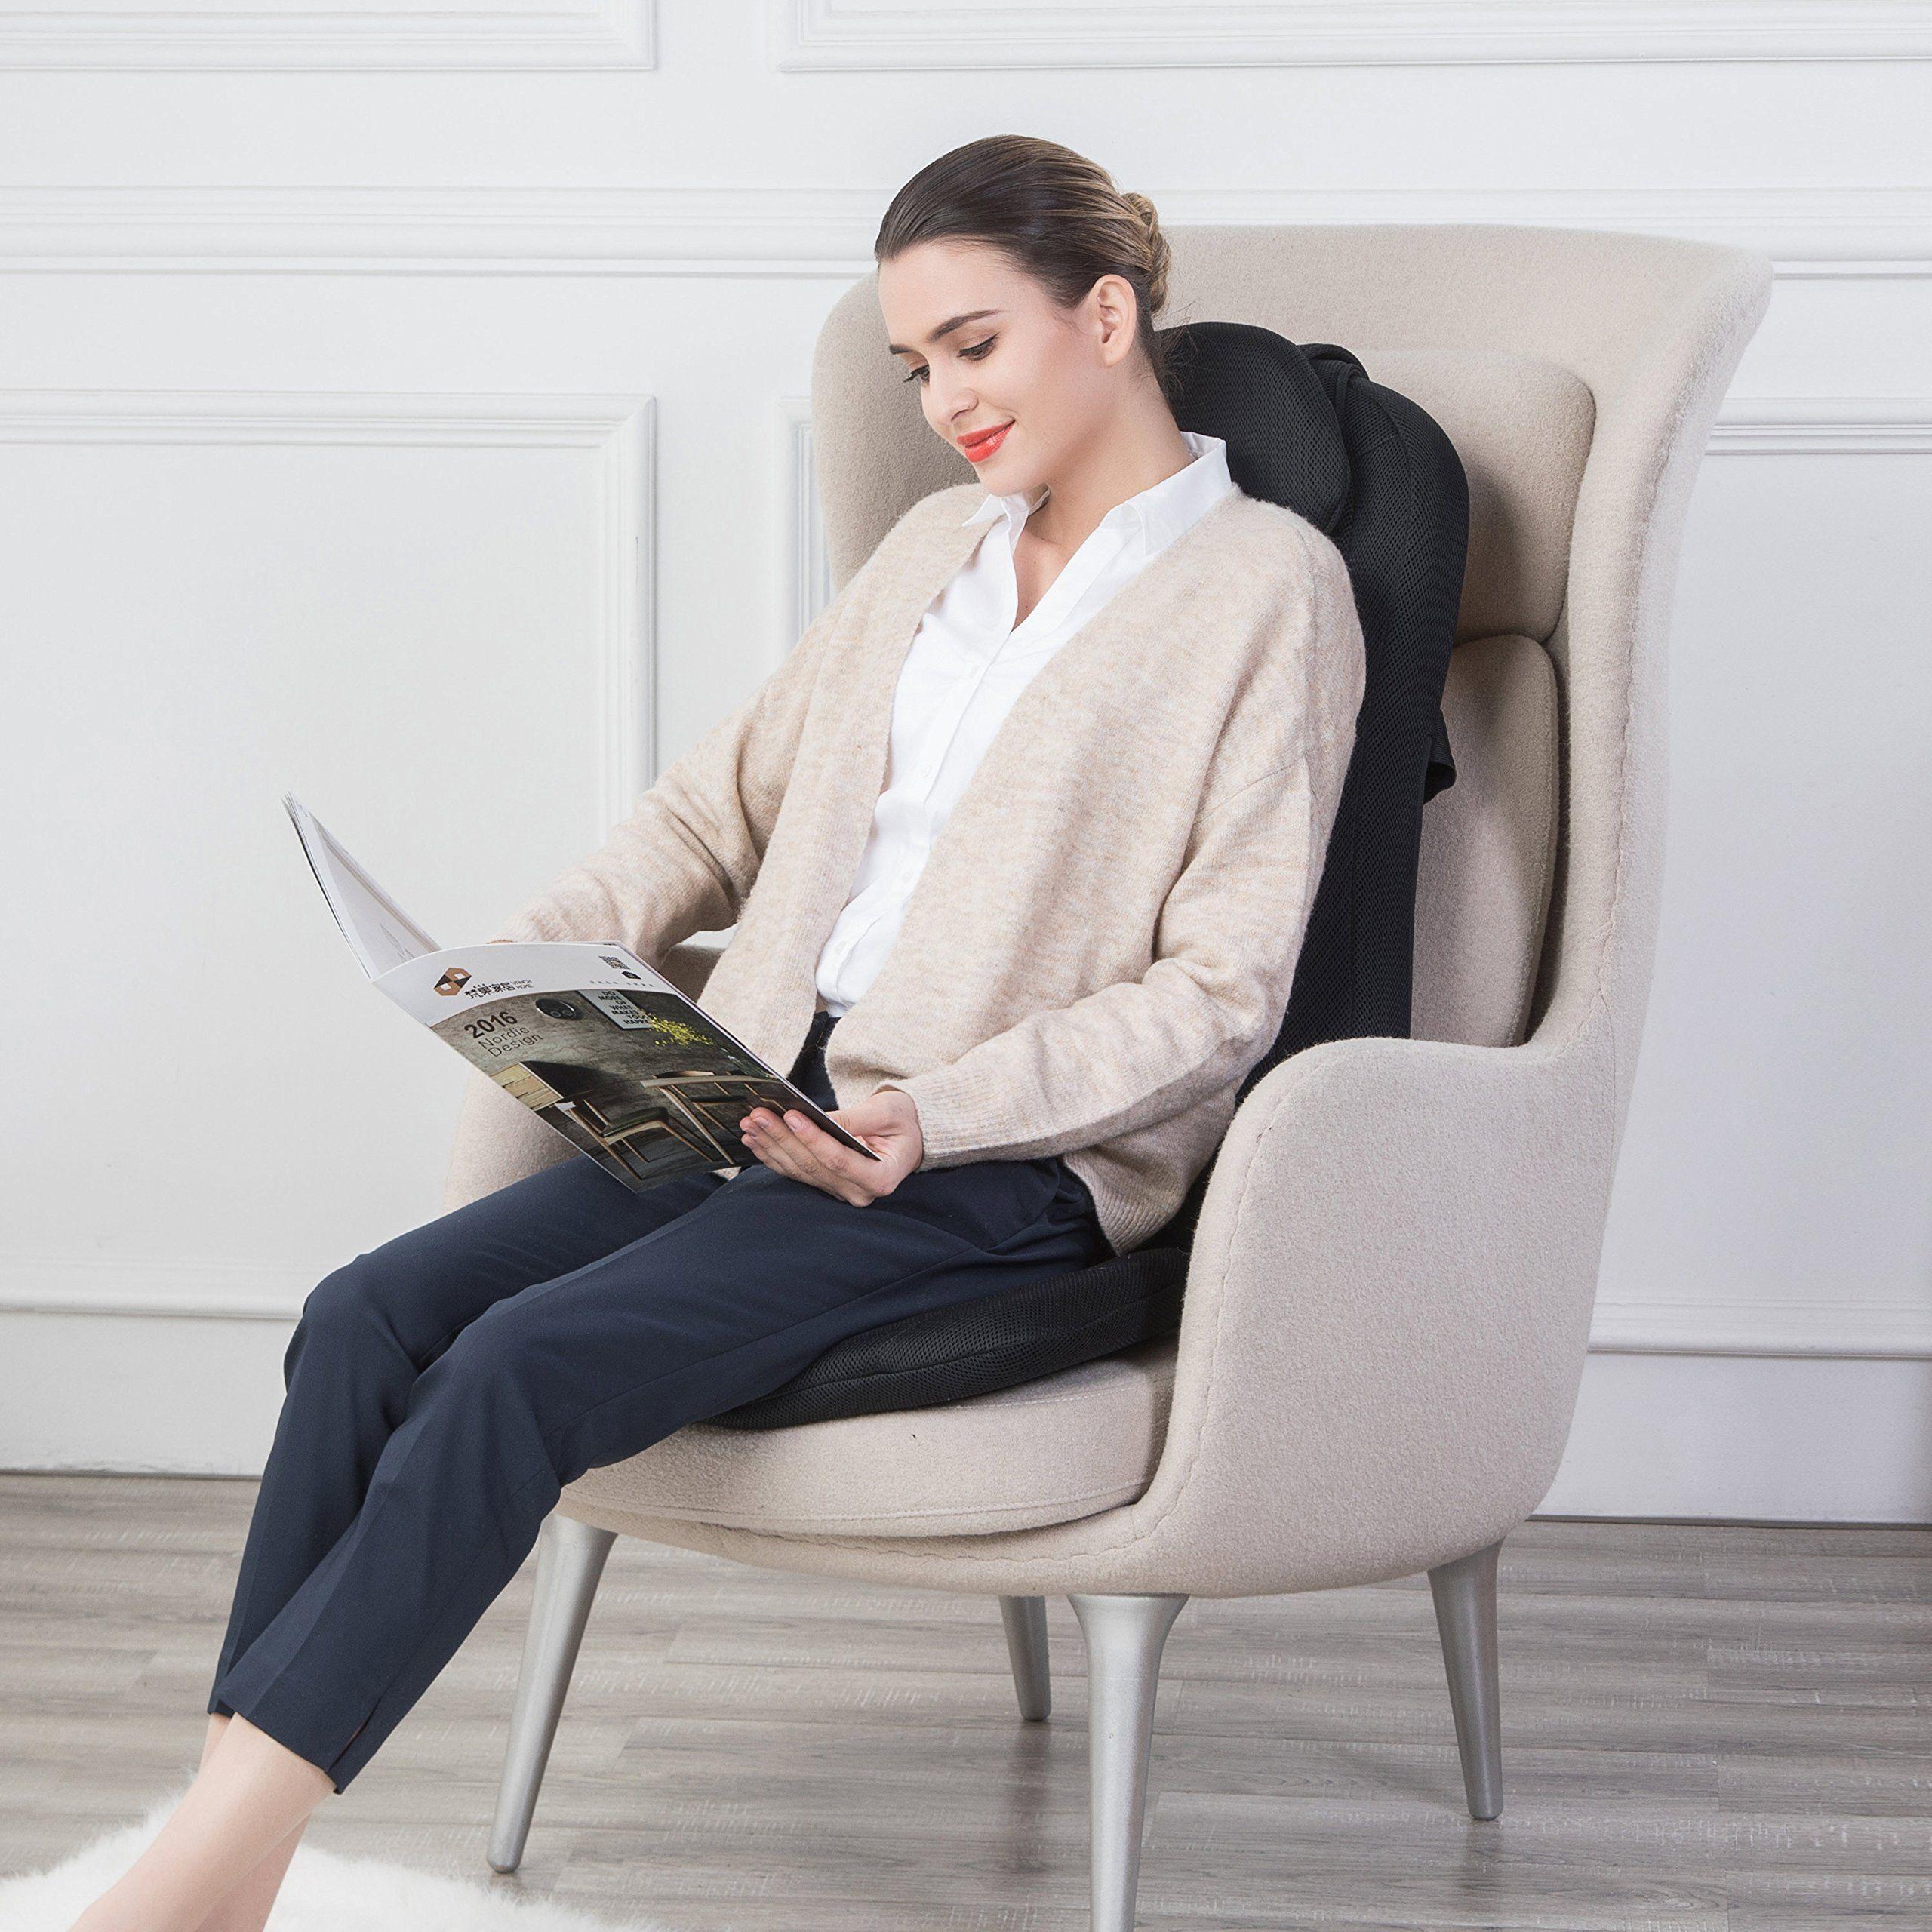 Snailax shiatsu massage seat cushion with heat and rolling nodes